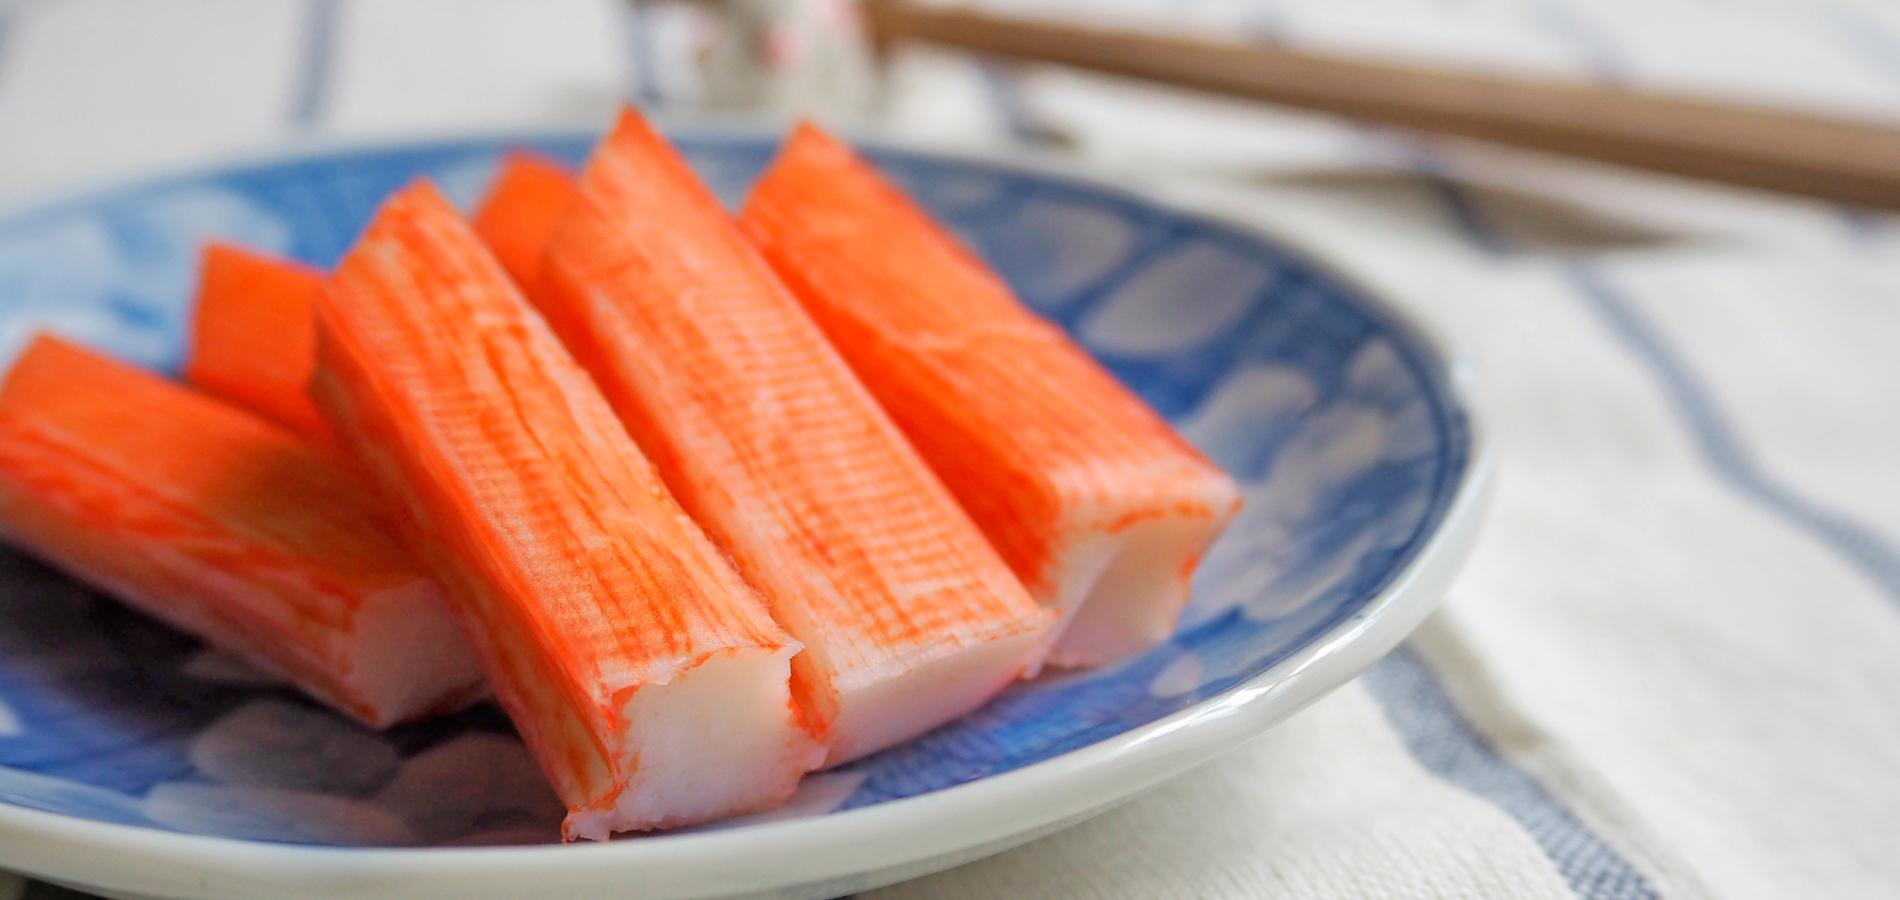 Le vrai du faux de la composition du surimi - Cuisine / Madame Figaro